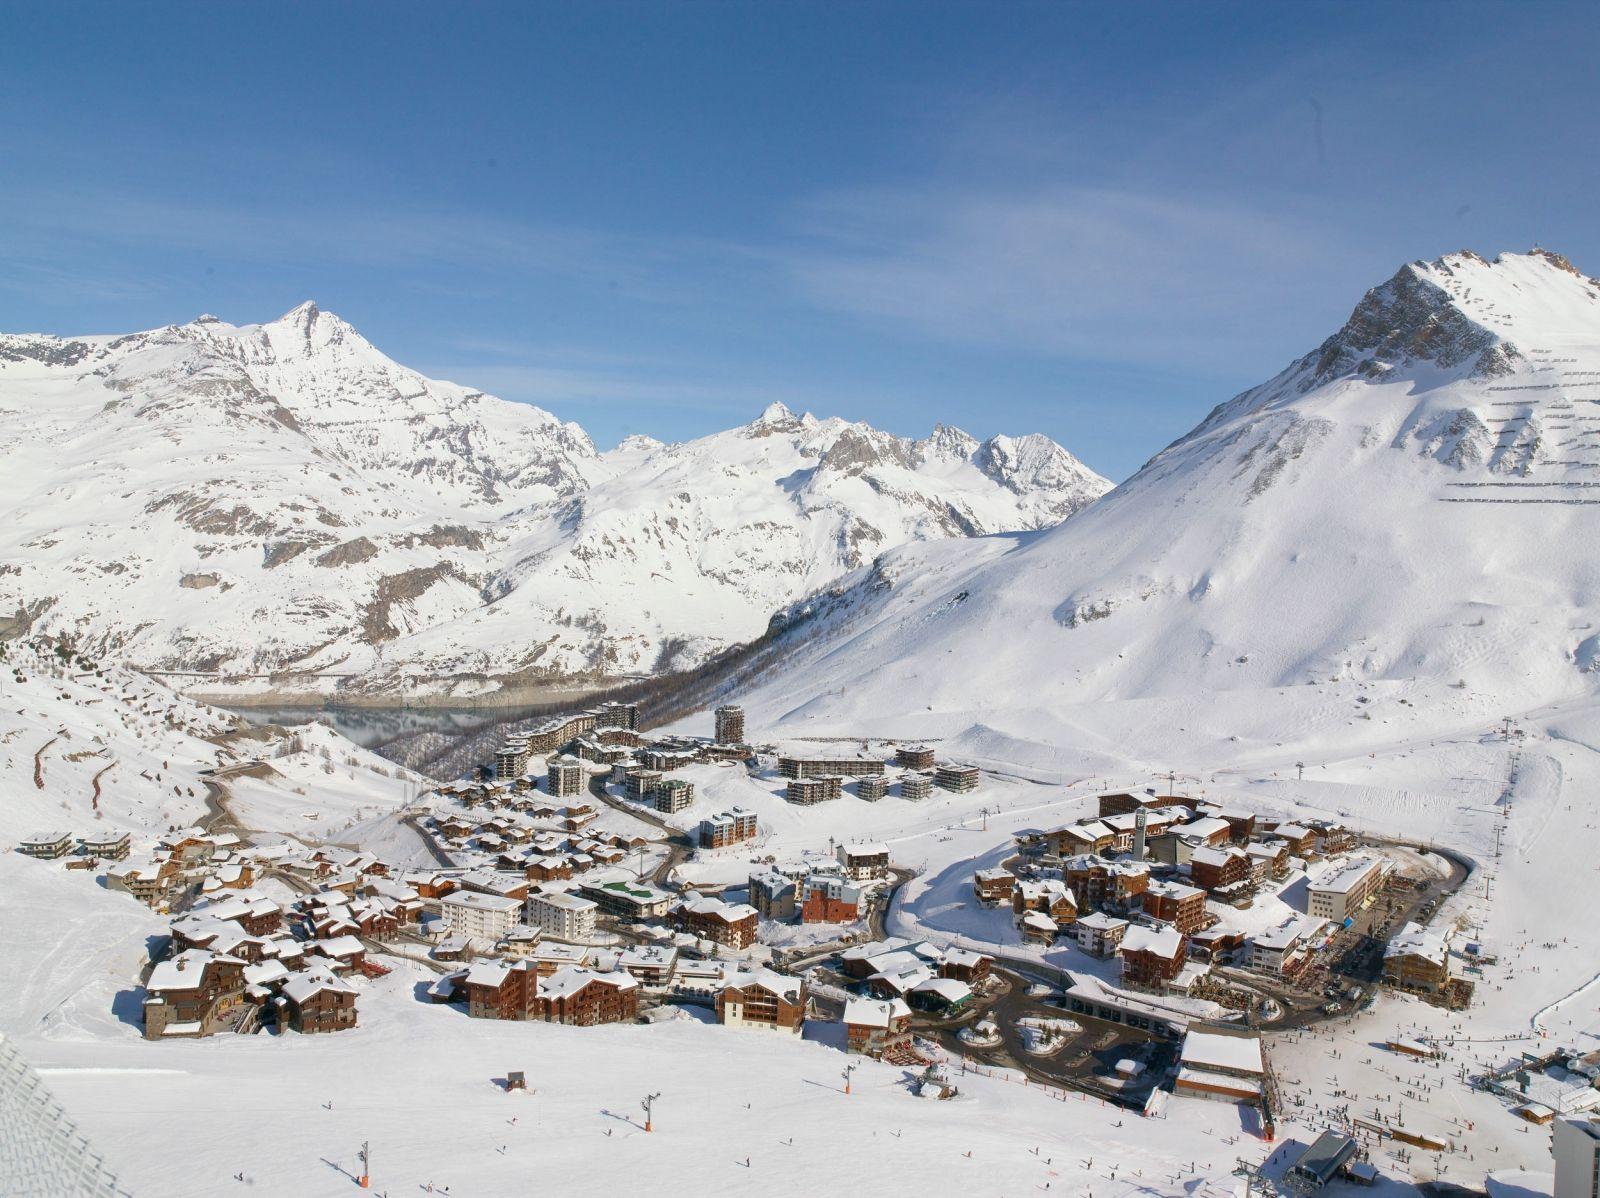 Tignes Savoie Vue Du Ciel Avec Le Lac De Tignes En Arrière Plan Tignes Séjour Ski Lac